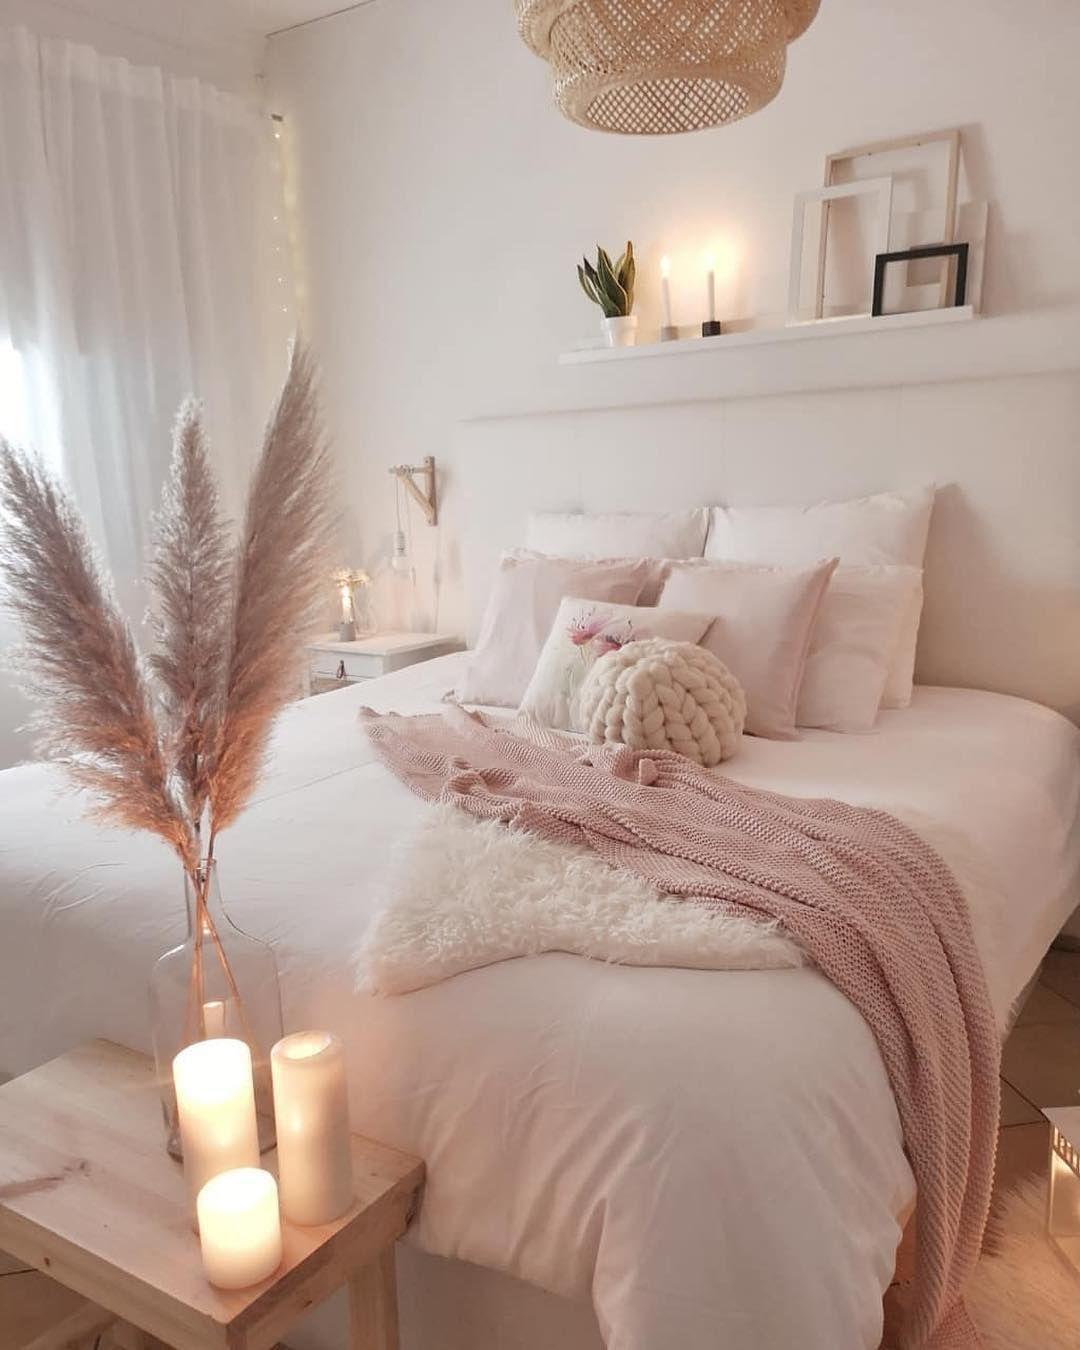 bedroom decor 10 #bedroom decor ebay #bedroom decor for guys